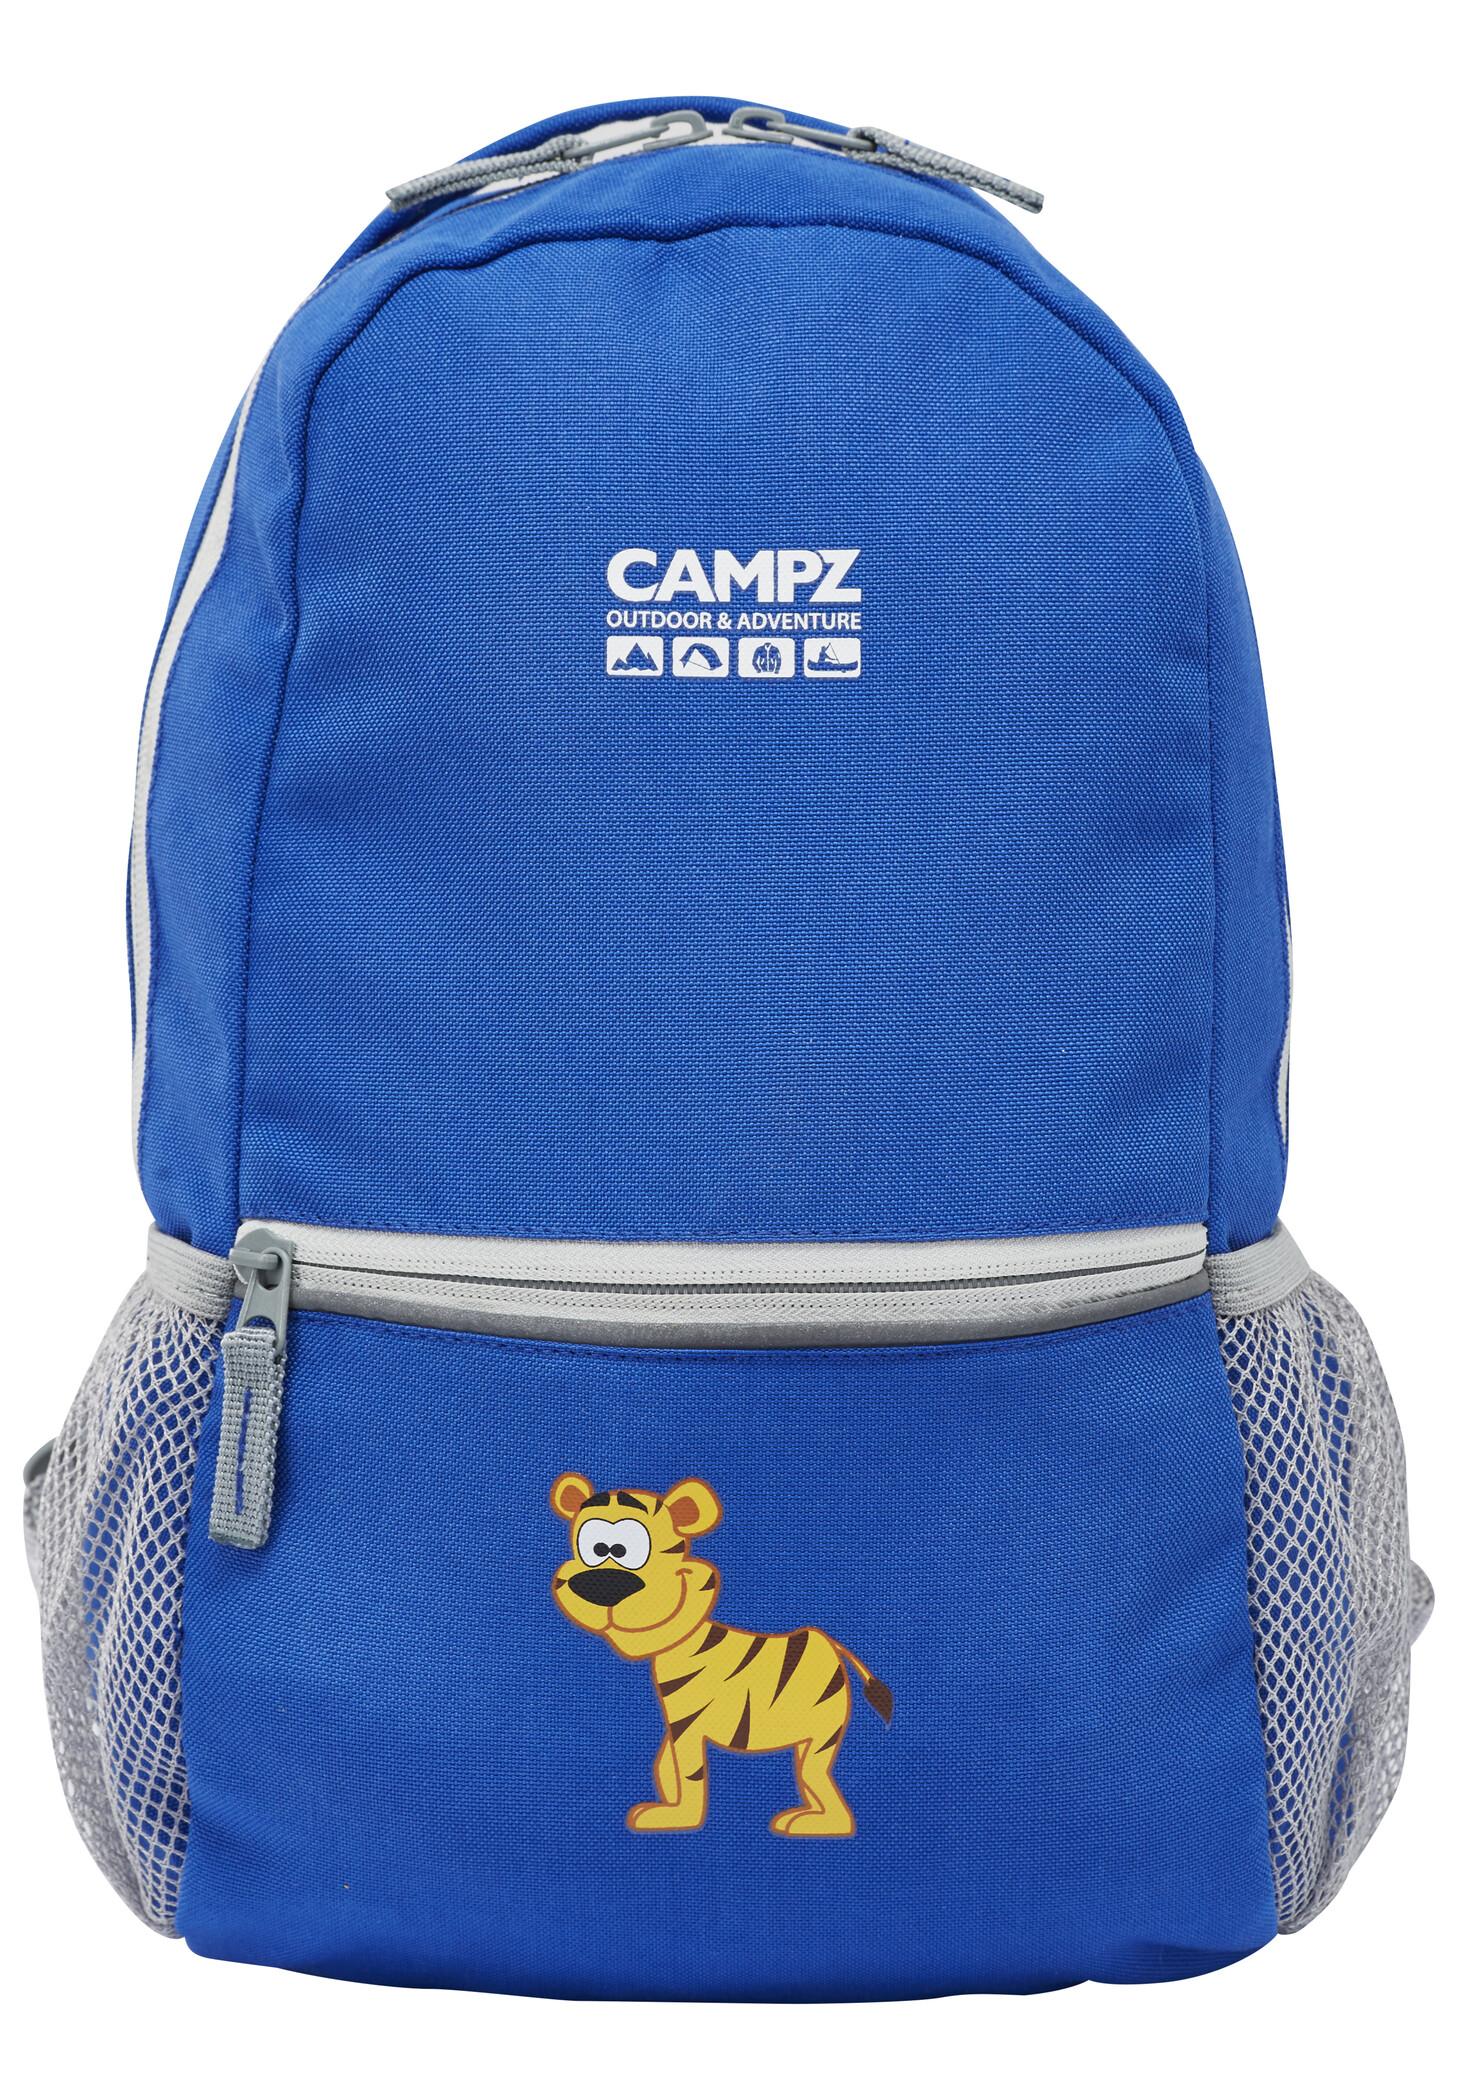 CAMPZ Tiger 10L Rygsæk Børn, blue | Rygsæk og rejsetasker